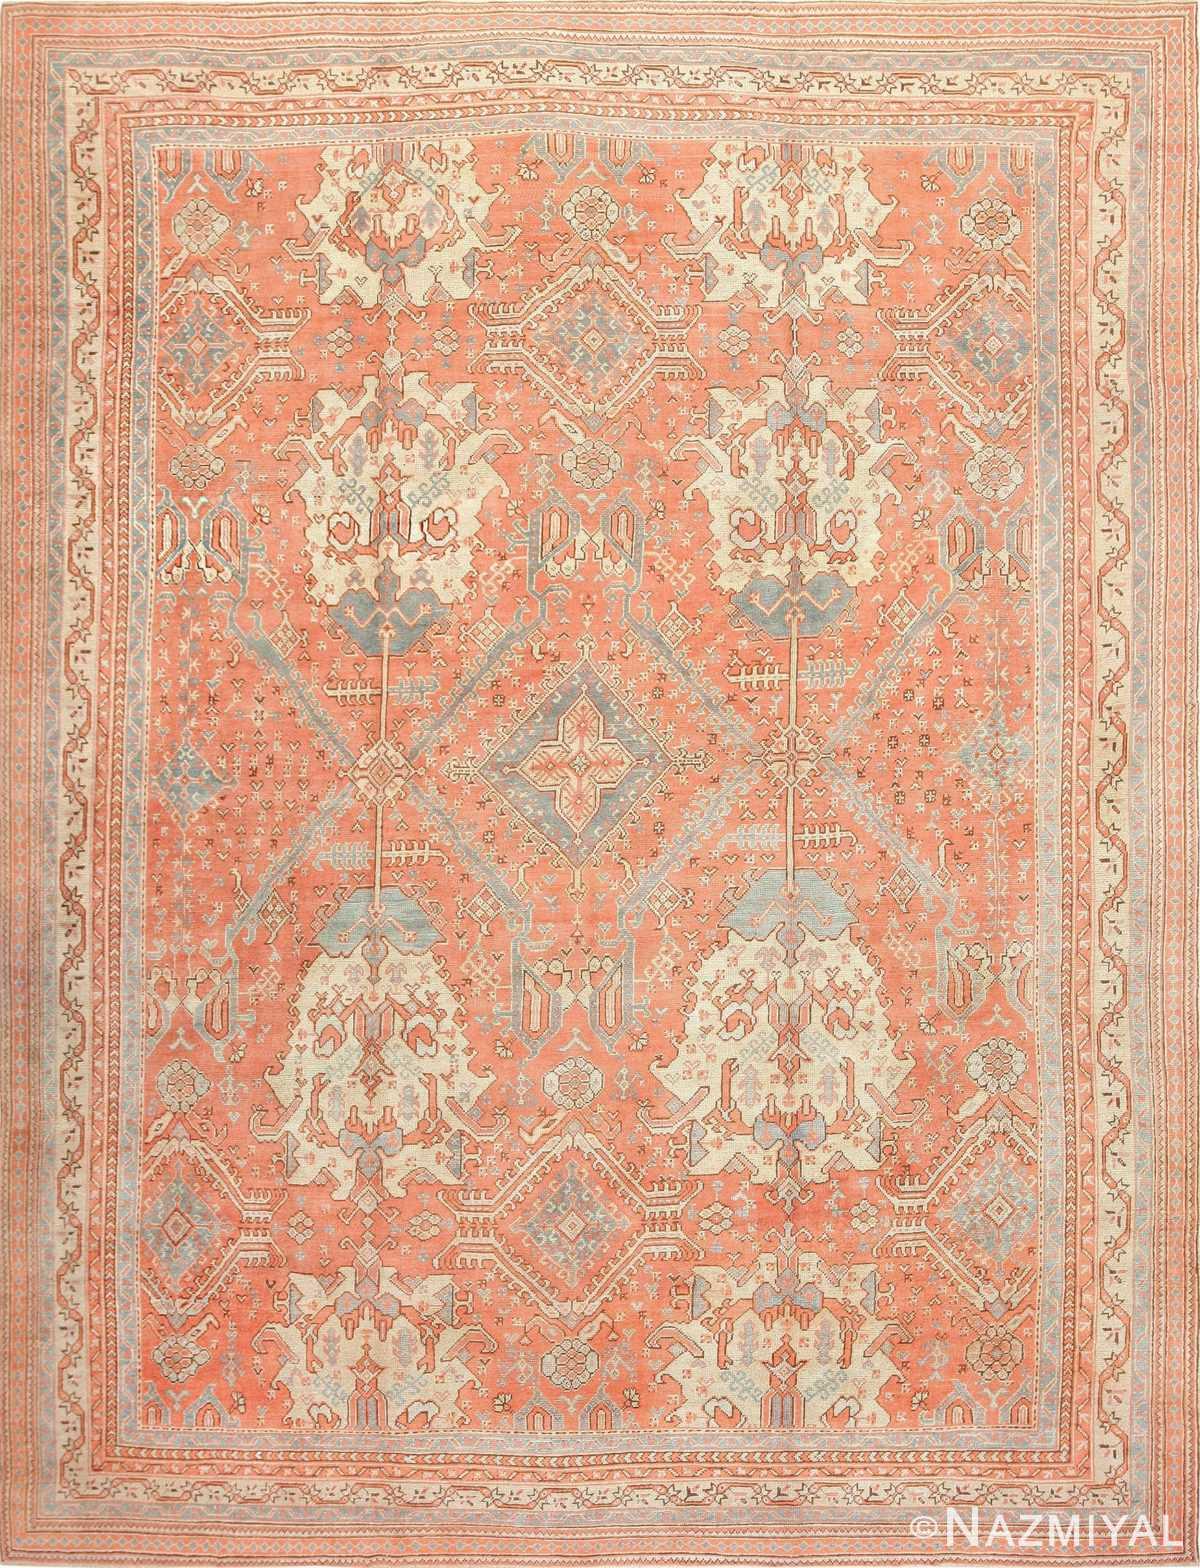 Large Antique Turkish Oushak Rug 47426 Detail/Large View